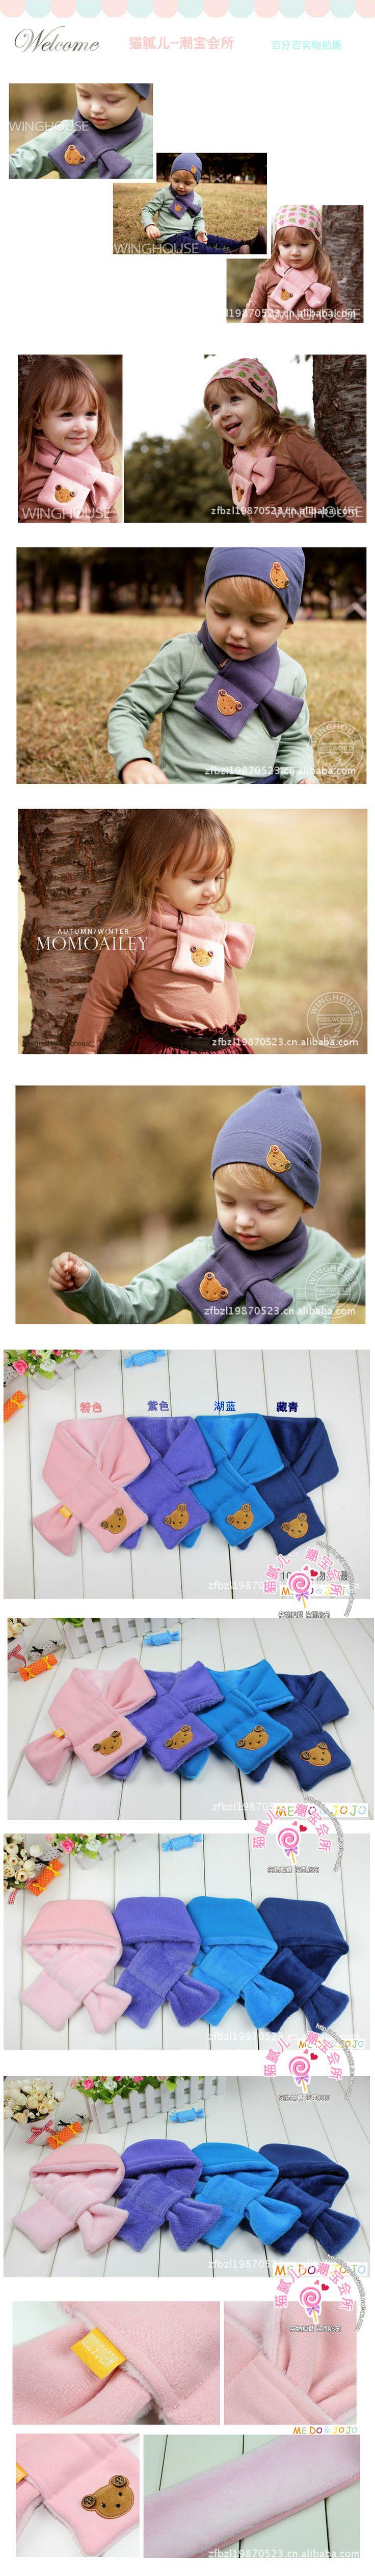 Плюшевые хлопка шарфы зимние модели двухместных перевернутые кашемировые шарфы шарф ребенок ребенок толстый теплый шарф - Taobao